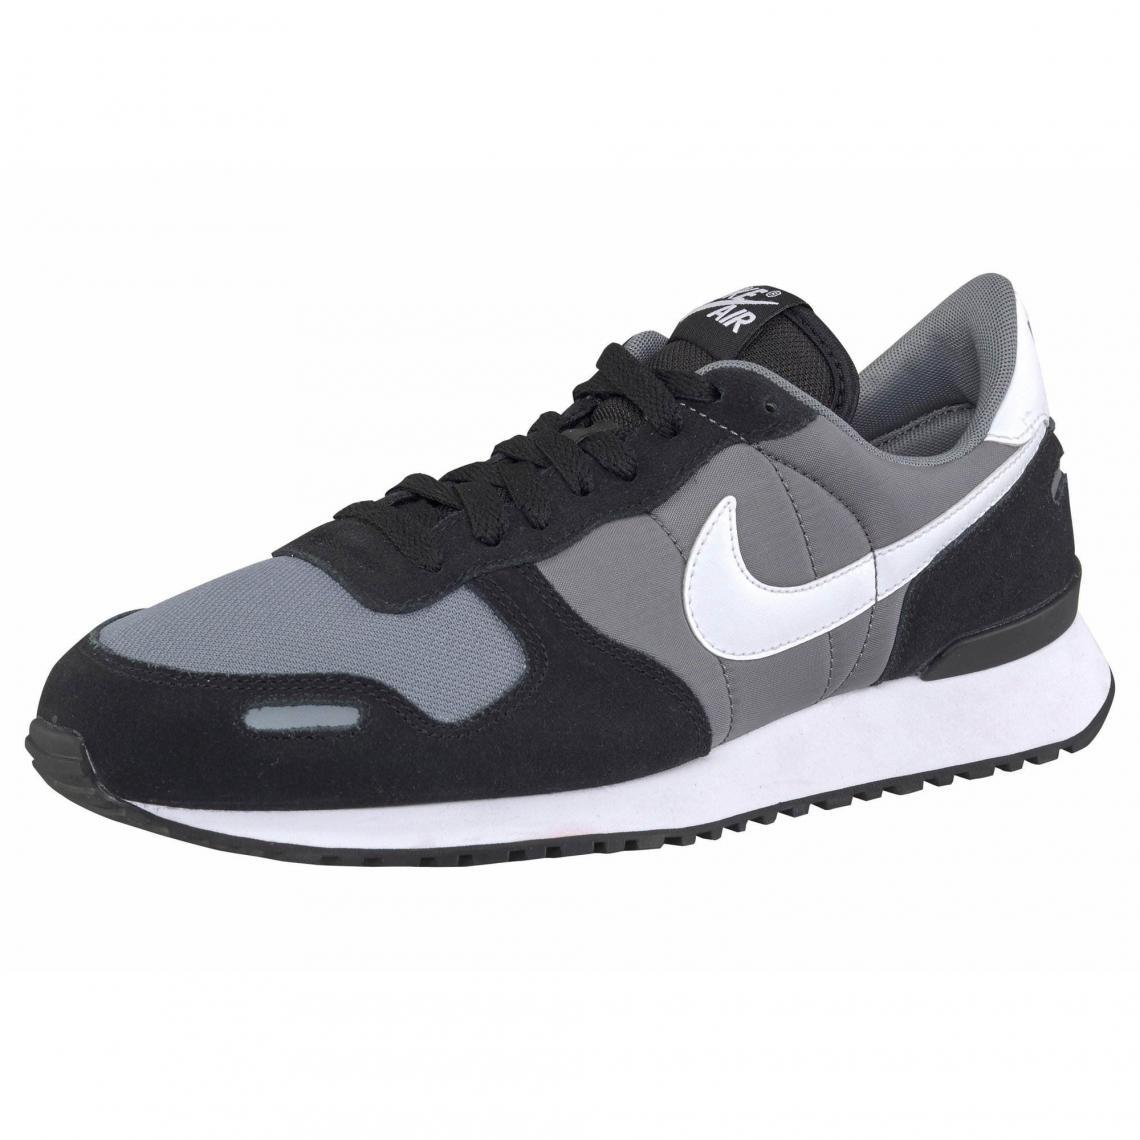 nouveau concept dbe89 b26fb Nike Air Vortex chaussures de running homme - Noir - Gris ...